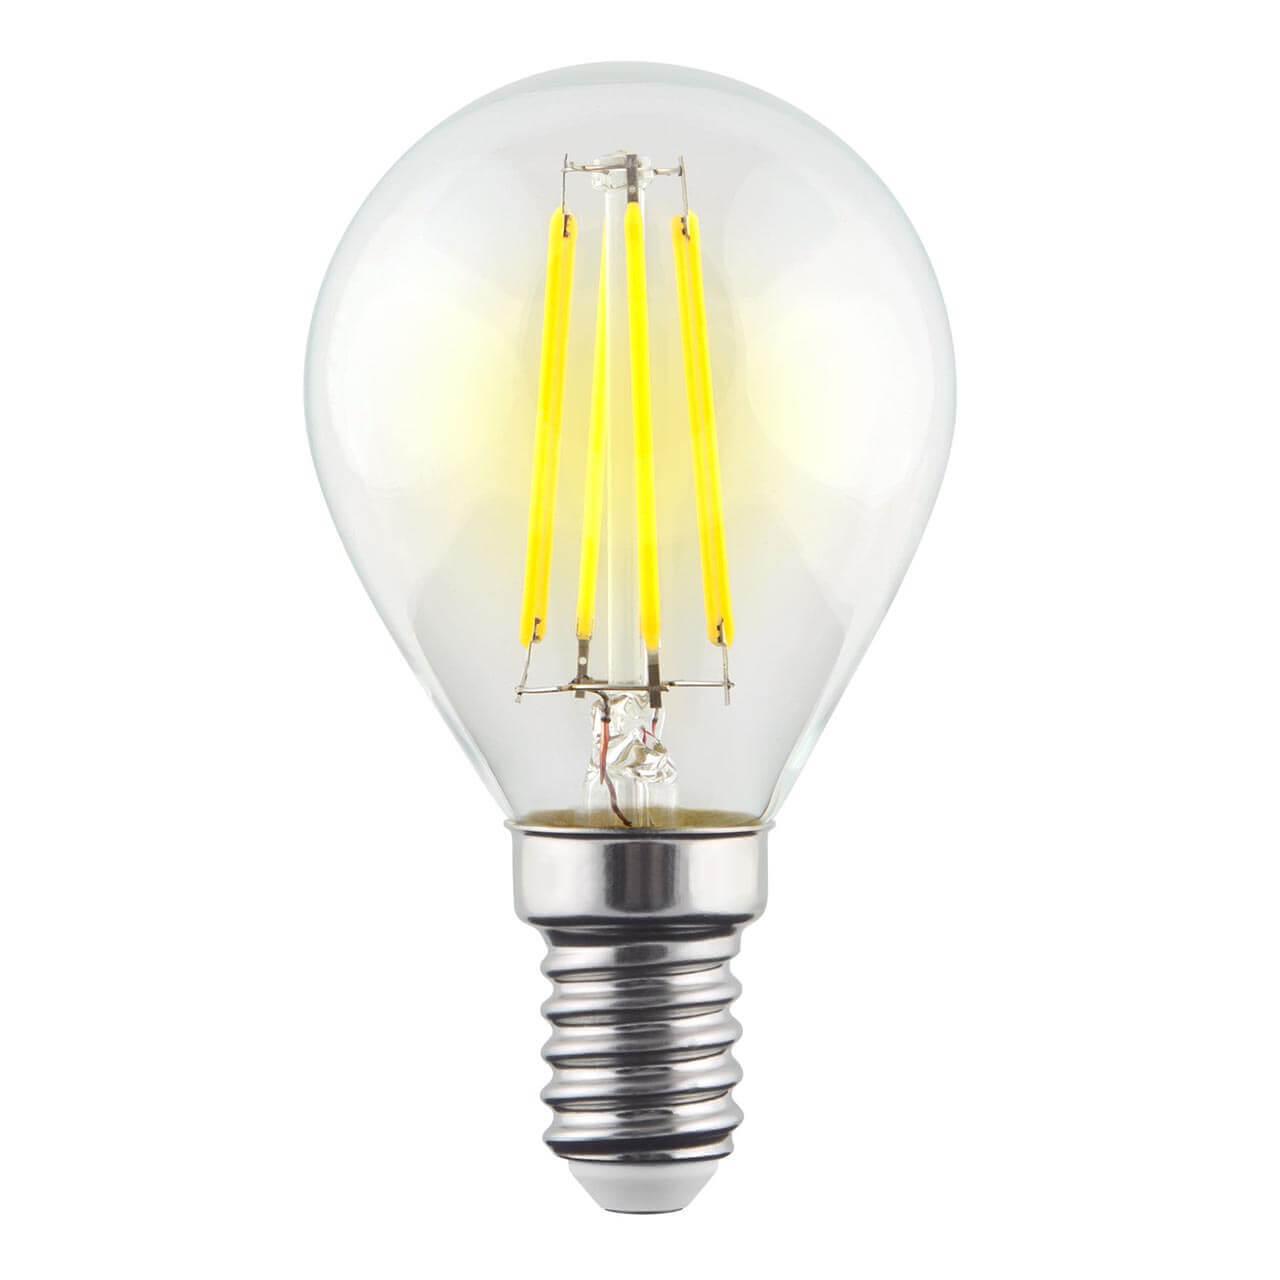 Лампа светодиодная филаментная Voltega E14 9W 2800К прозрачная VG10-G1E14warm9W-F 7098 лампа светодиодная филаментная voltega e14 6w 2800к прозрачная vg10 cc1e14warm6w f 7027